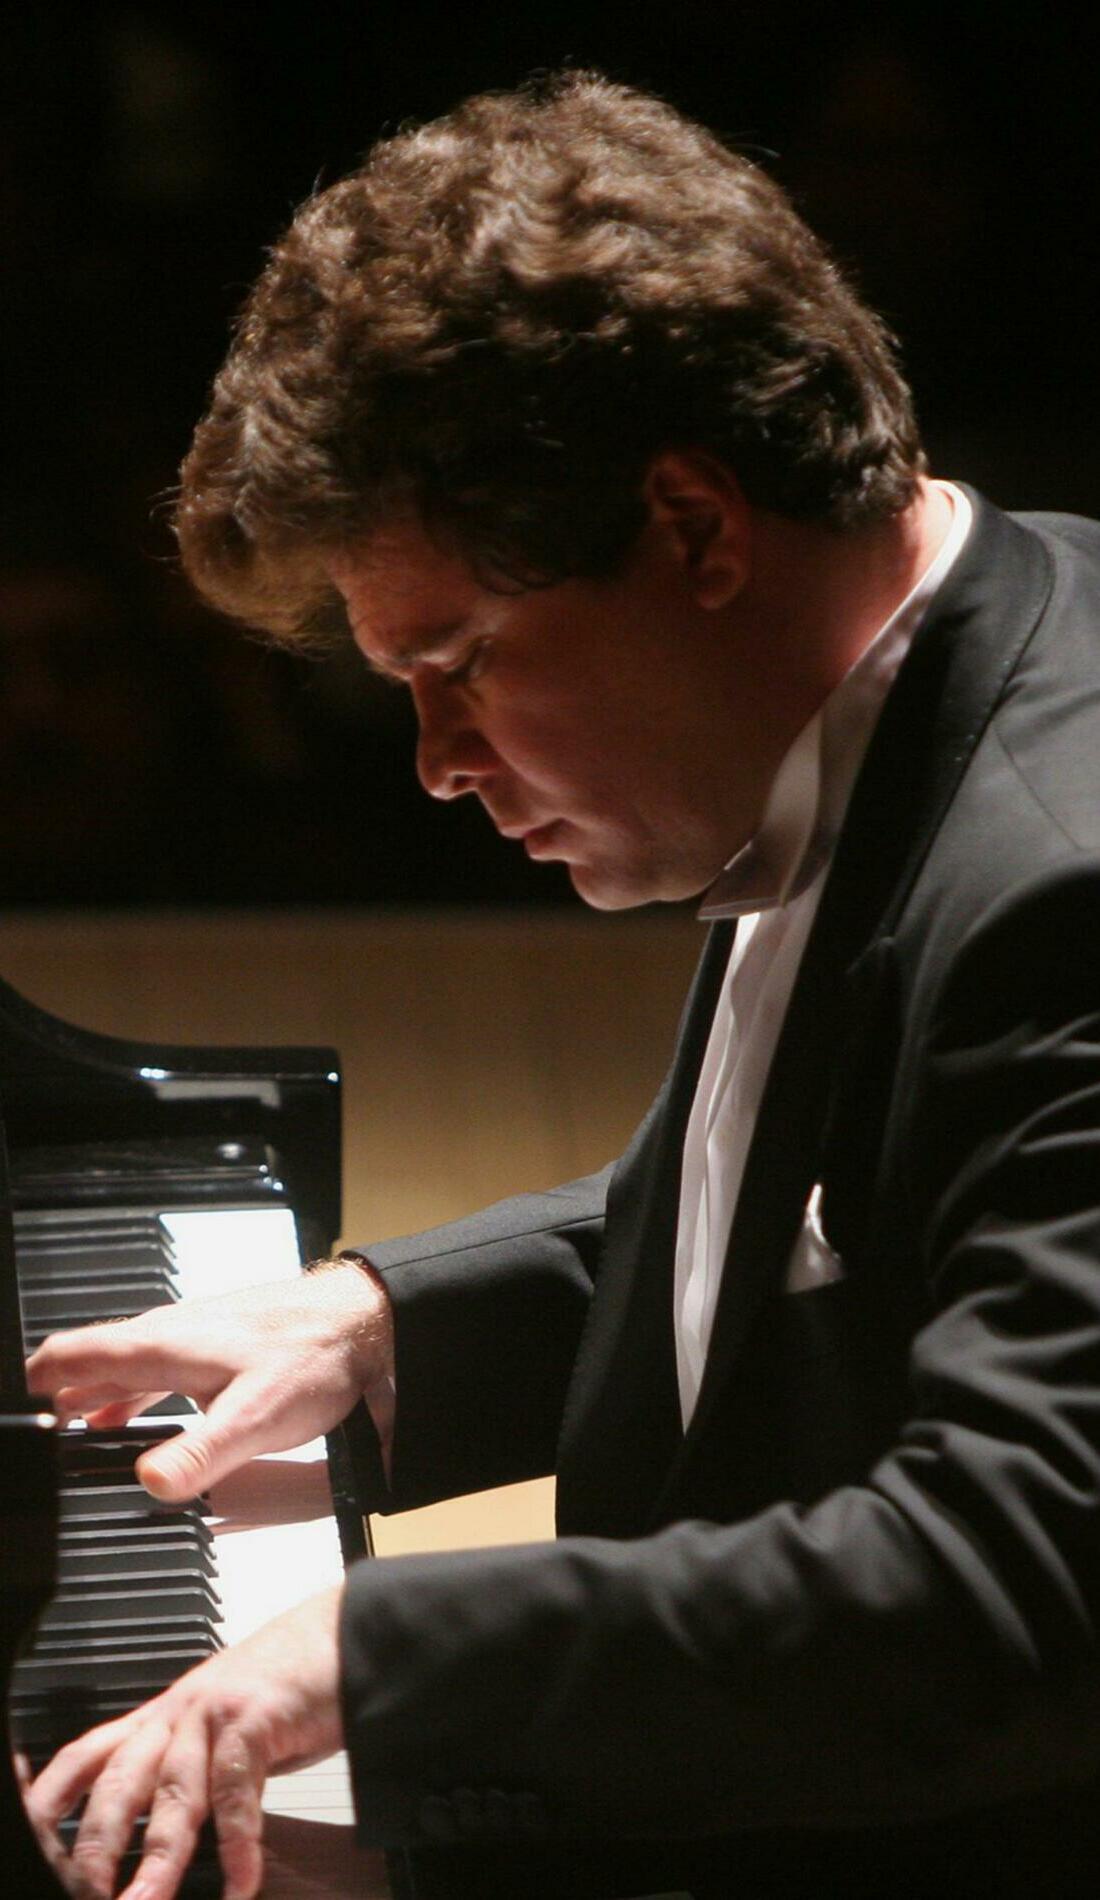 A Denis Matsuev live event